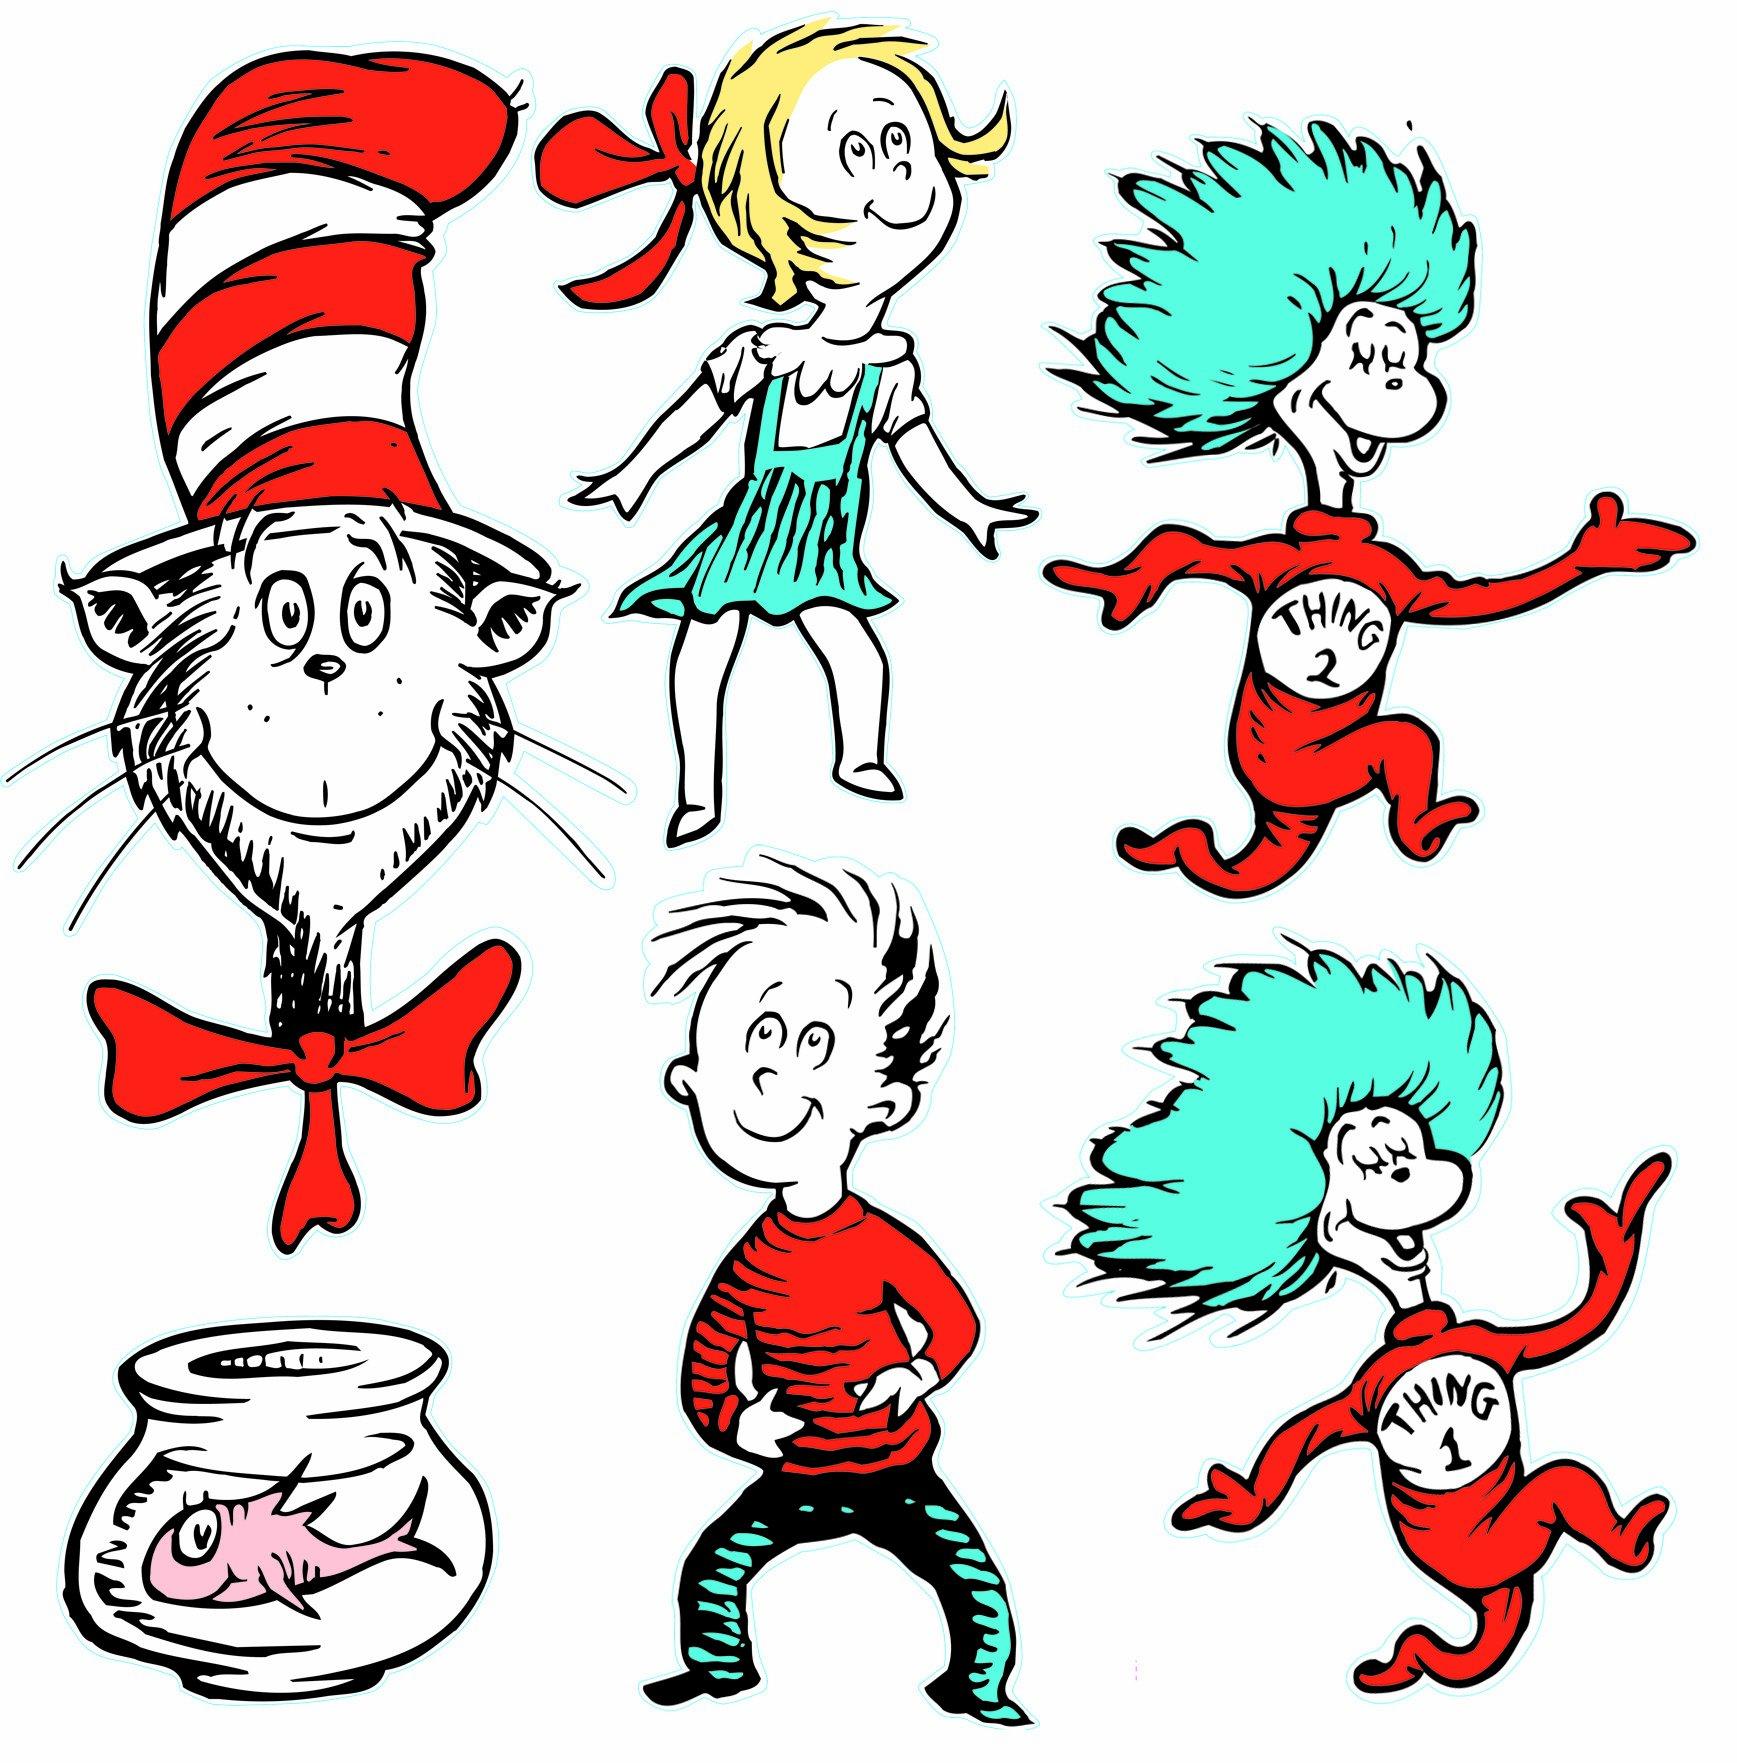 Eureka Large Dr. Seuss Characters Deco Kit (840226)